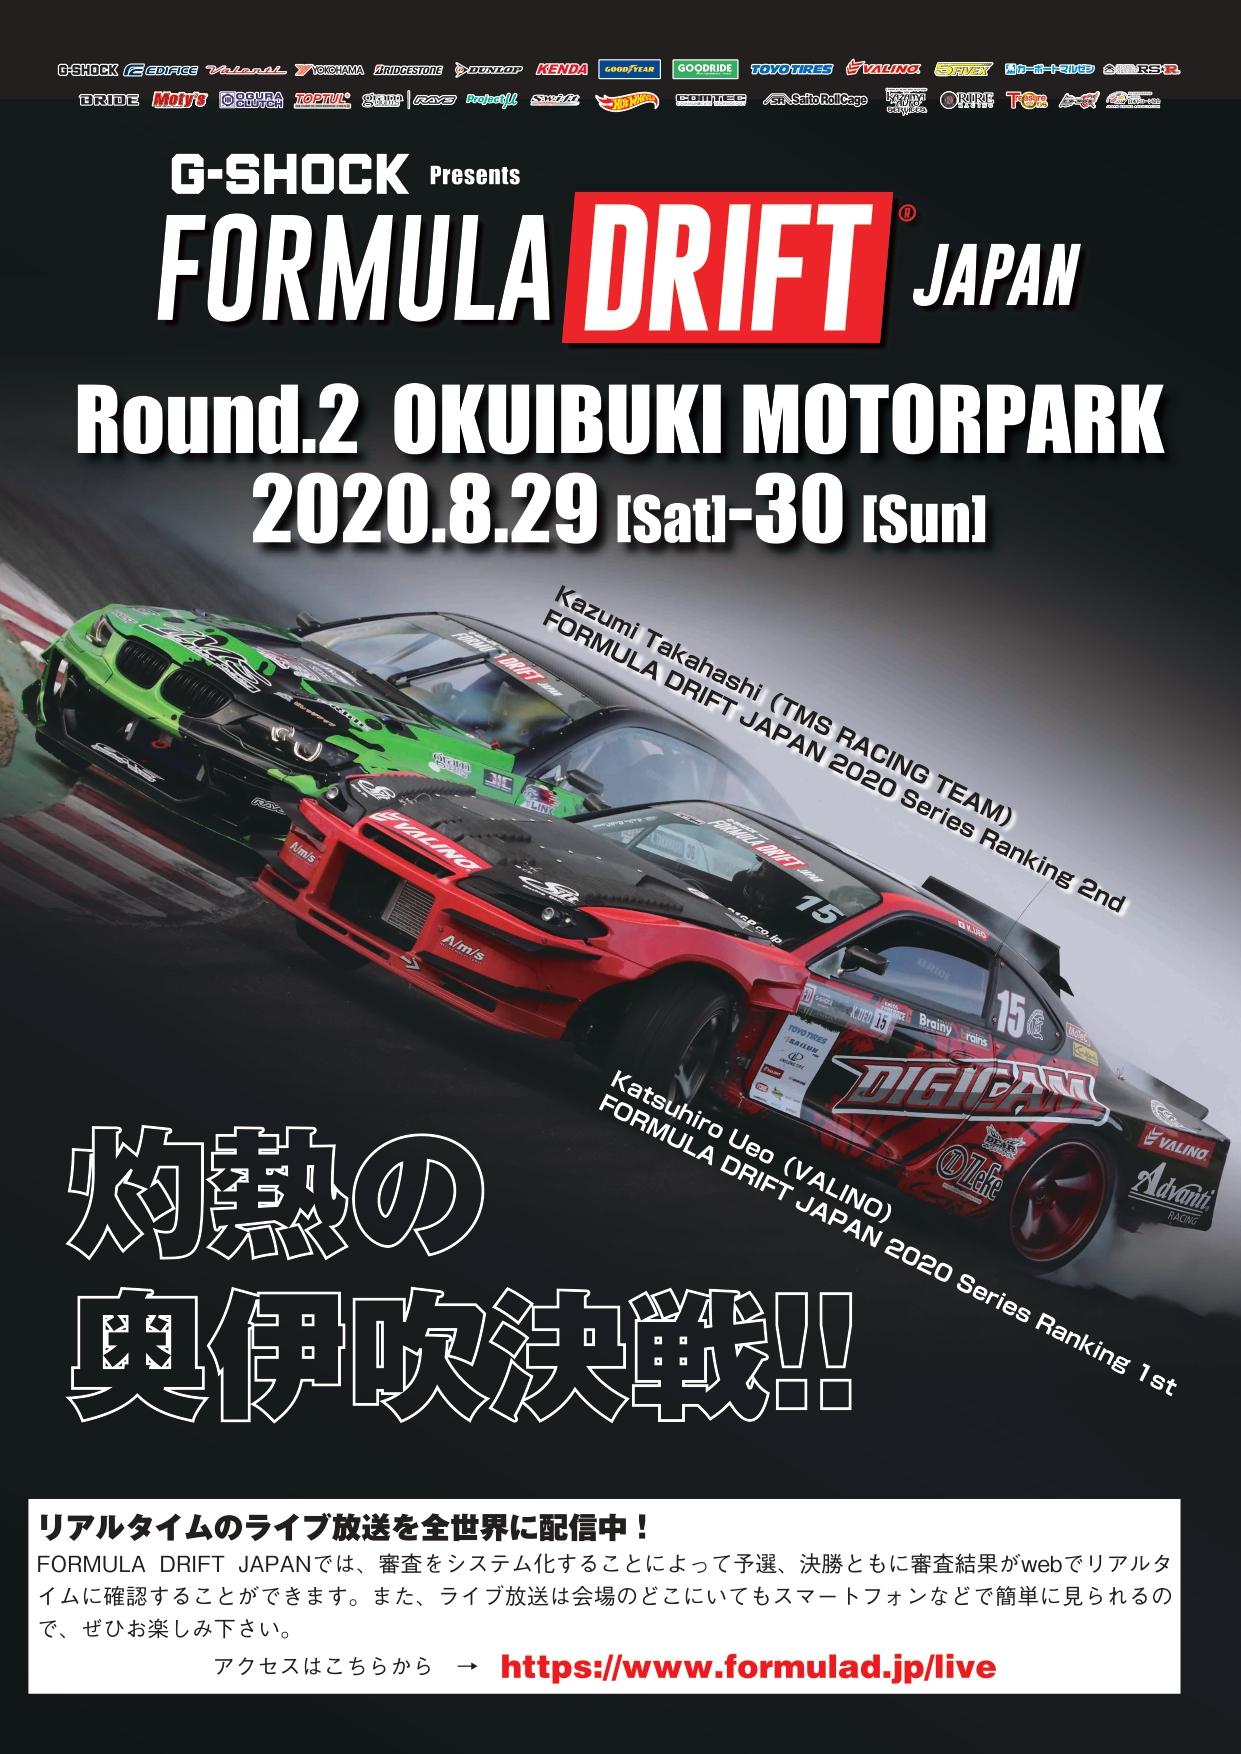 FORMULA DRIFT JAPAN – ROUND.2 OKUIBUKI MOTORPARK (2020.8.29 / 30)